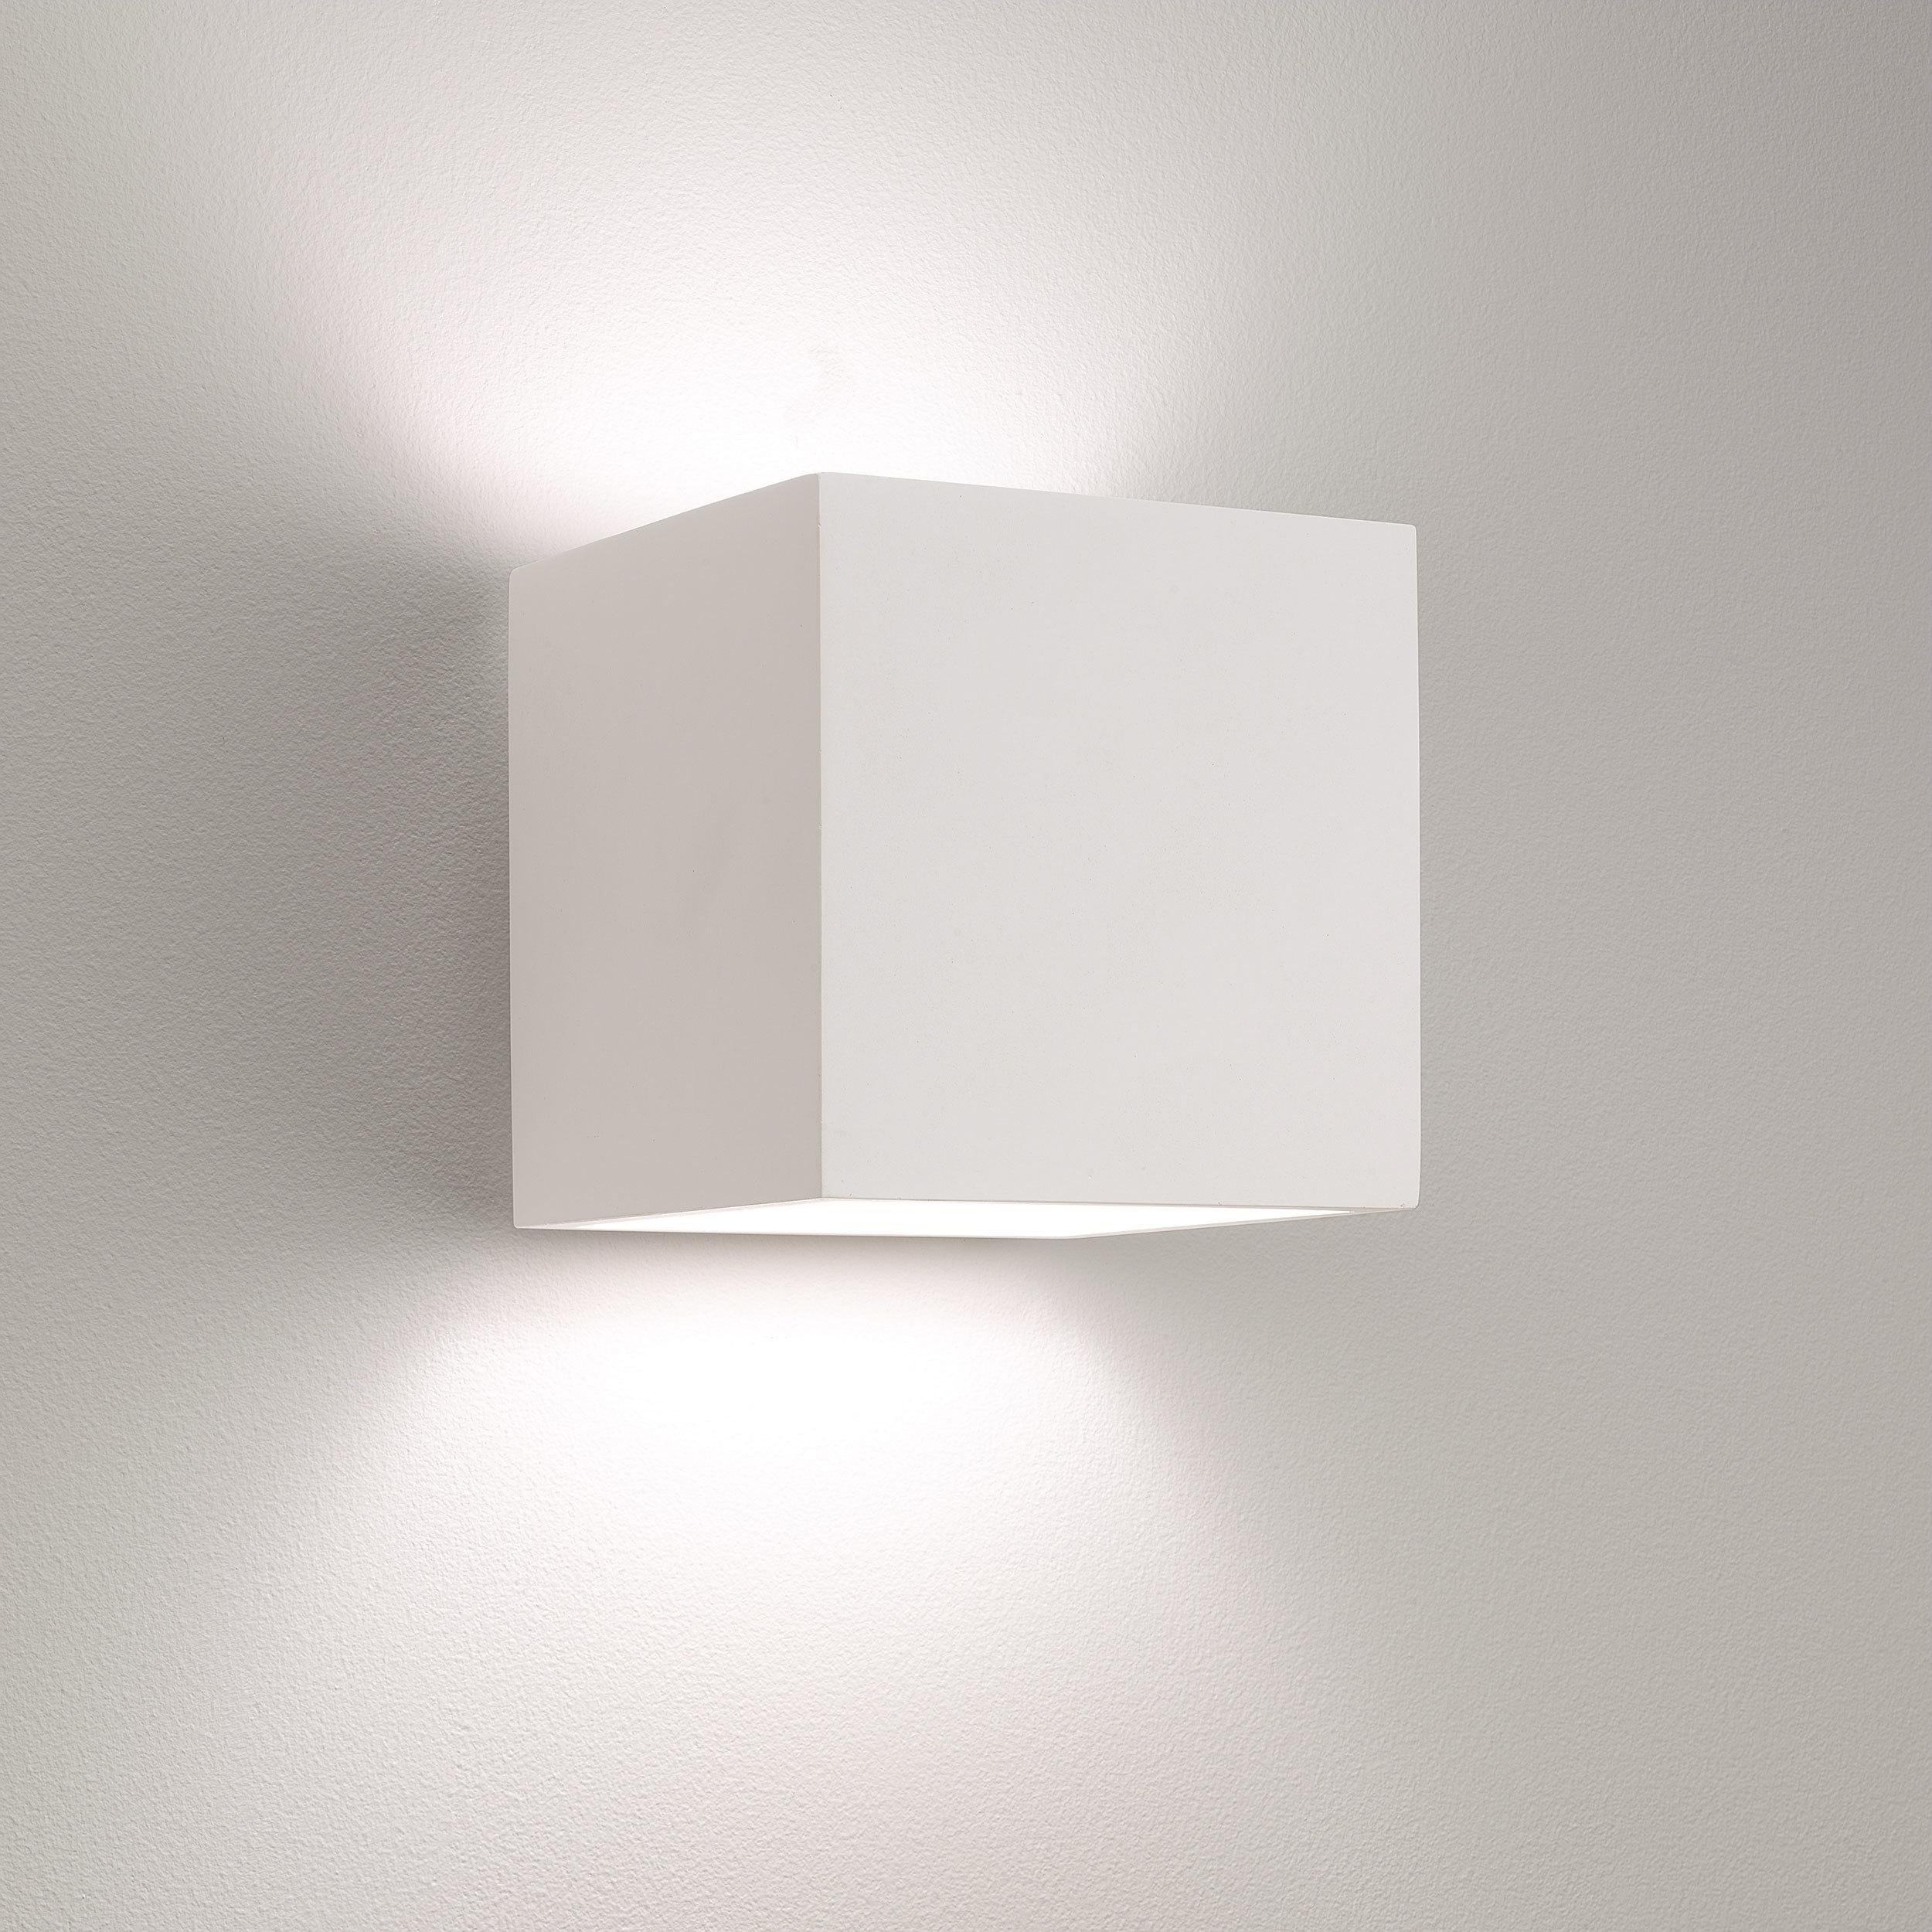 Настенный светильник Astro Pienza 1196003 (7153), 1xE27x60W, белый, под покраску, металл, гипс - фото 1